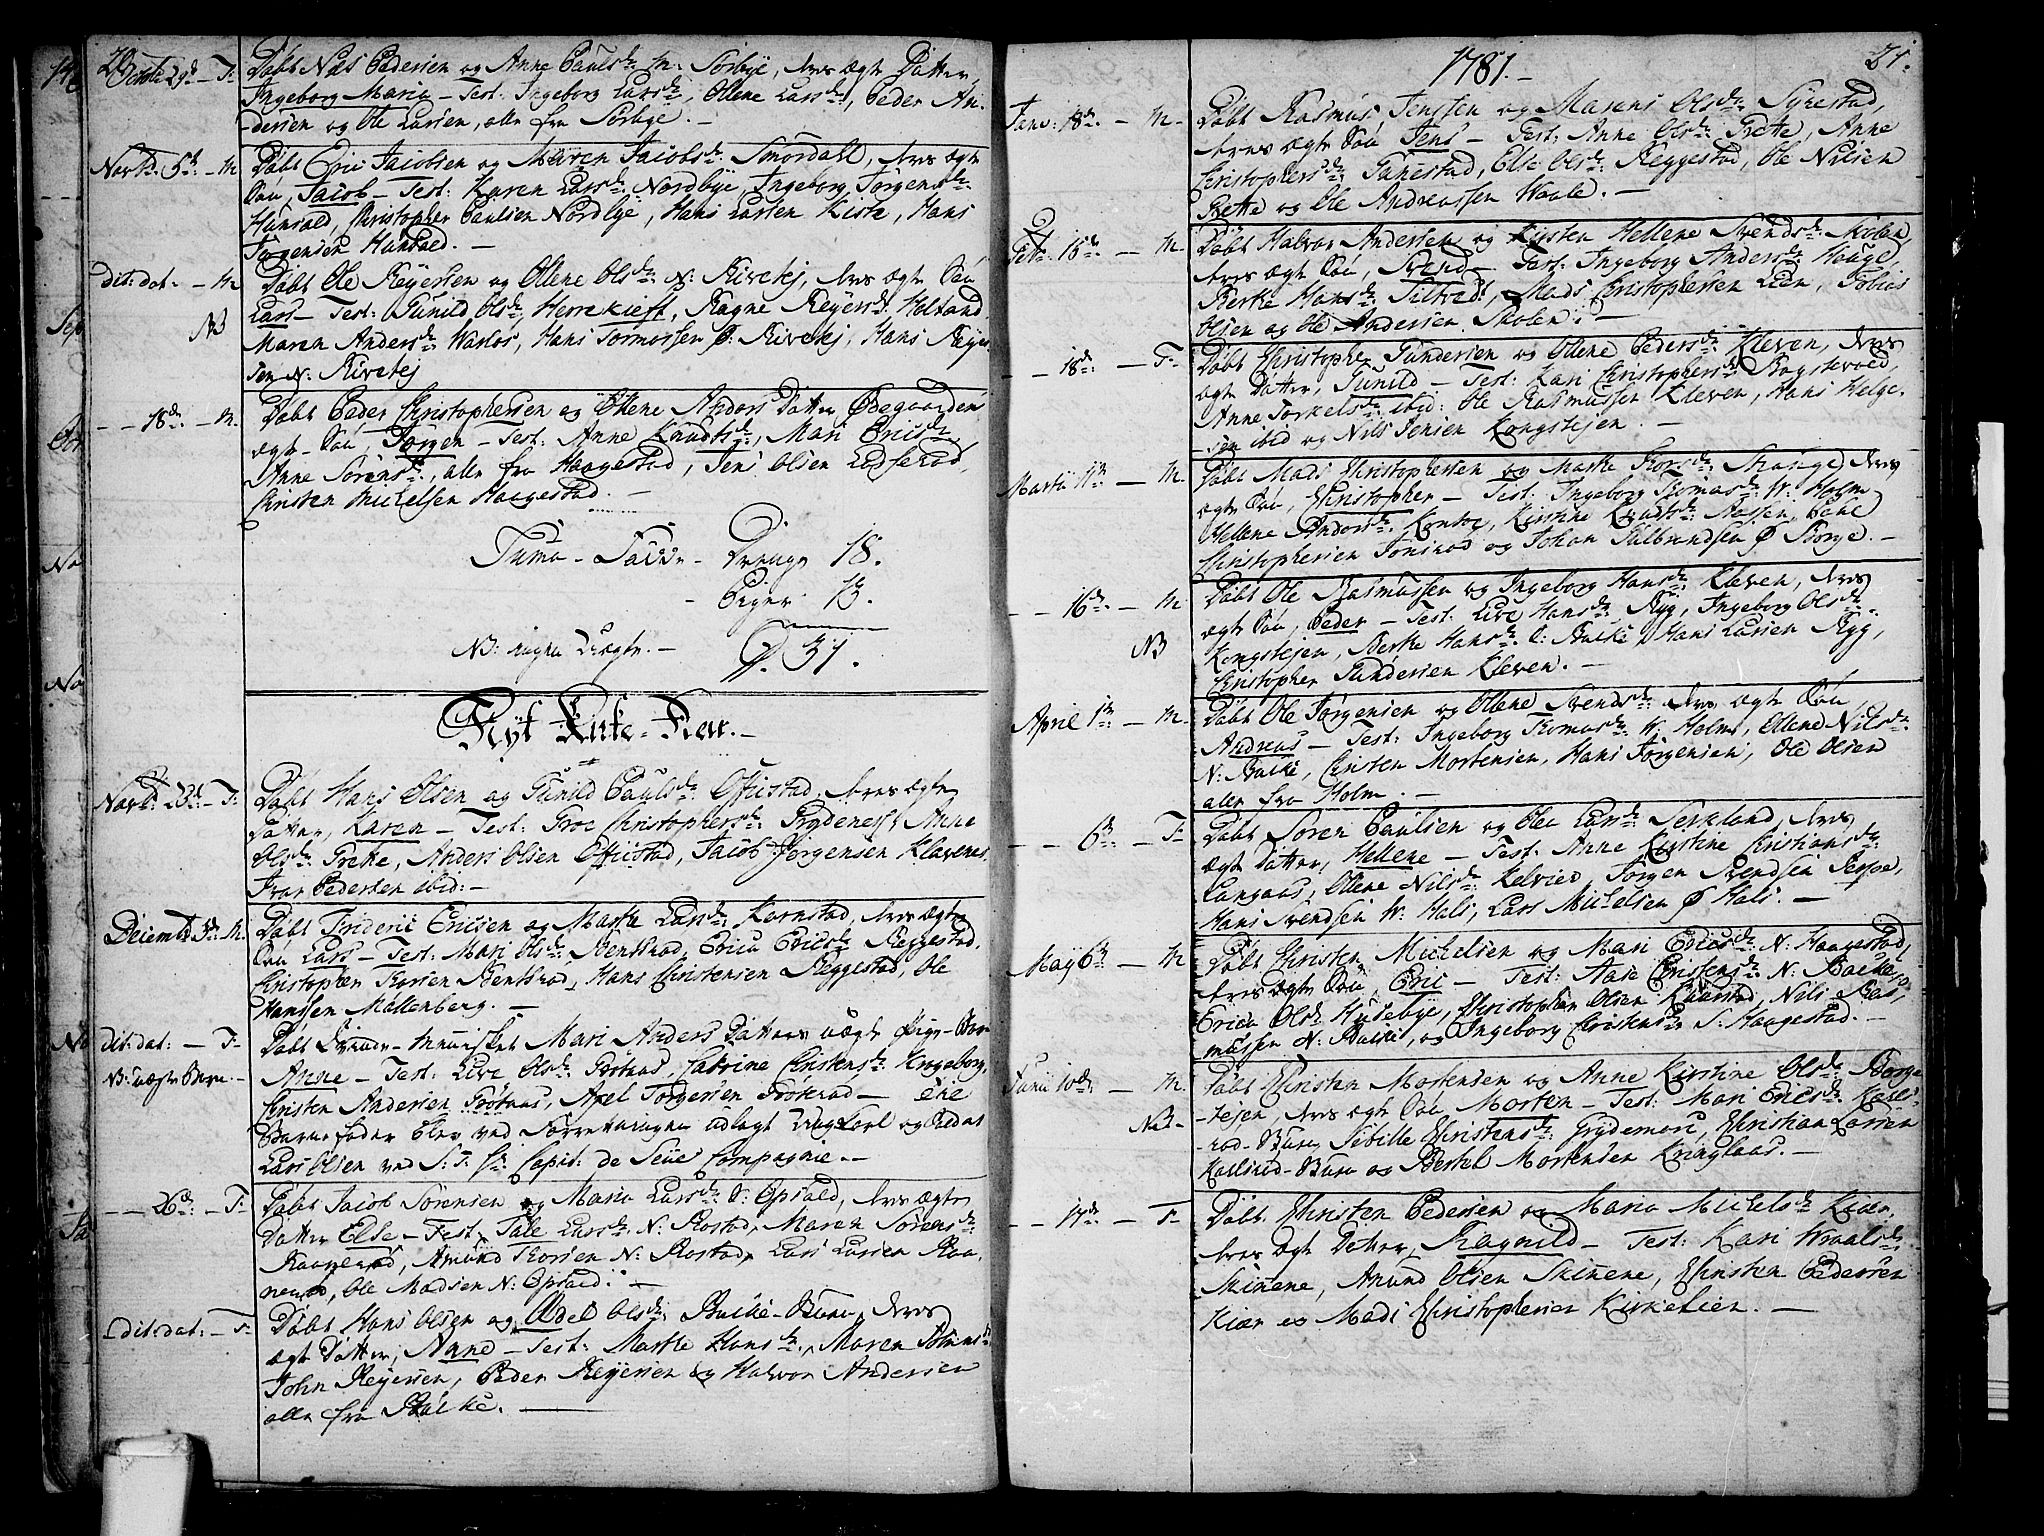 SAKO, Våle kirkebøker, F/Fa/L0005: Ministerialbok nr. I 5, 1773-1808, s. 20-21